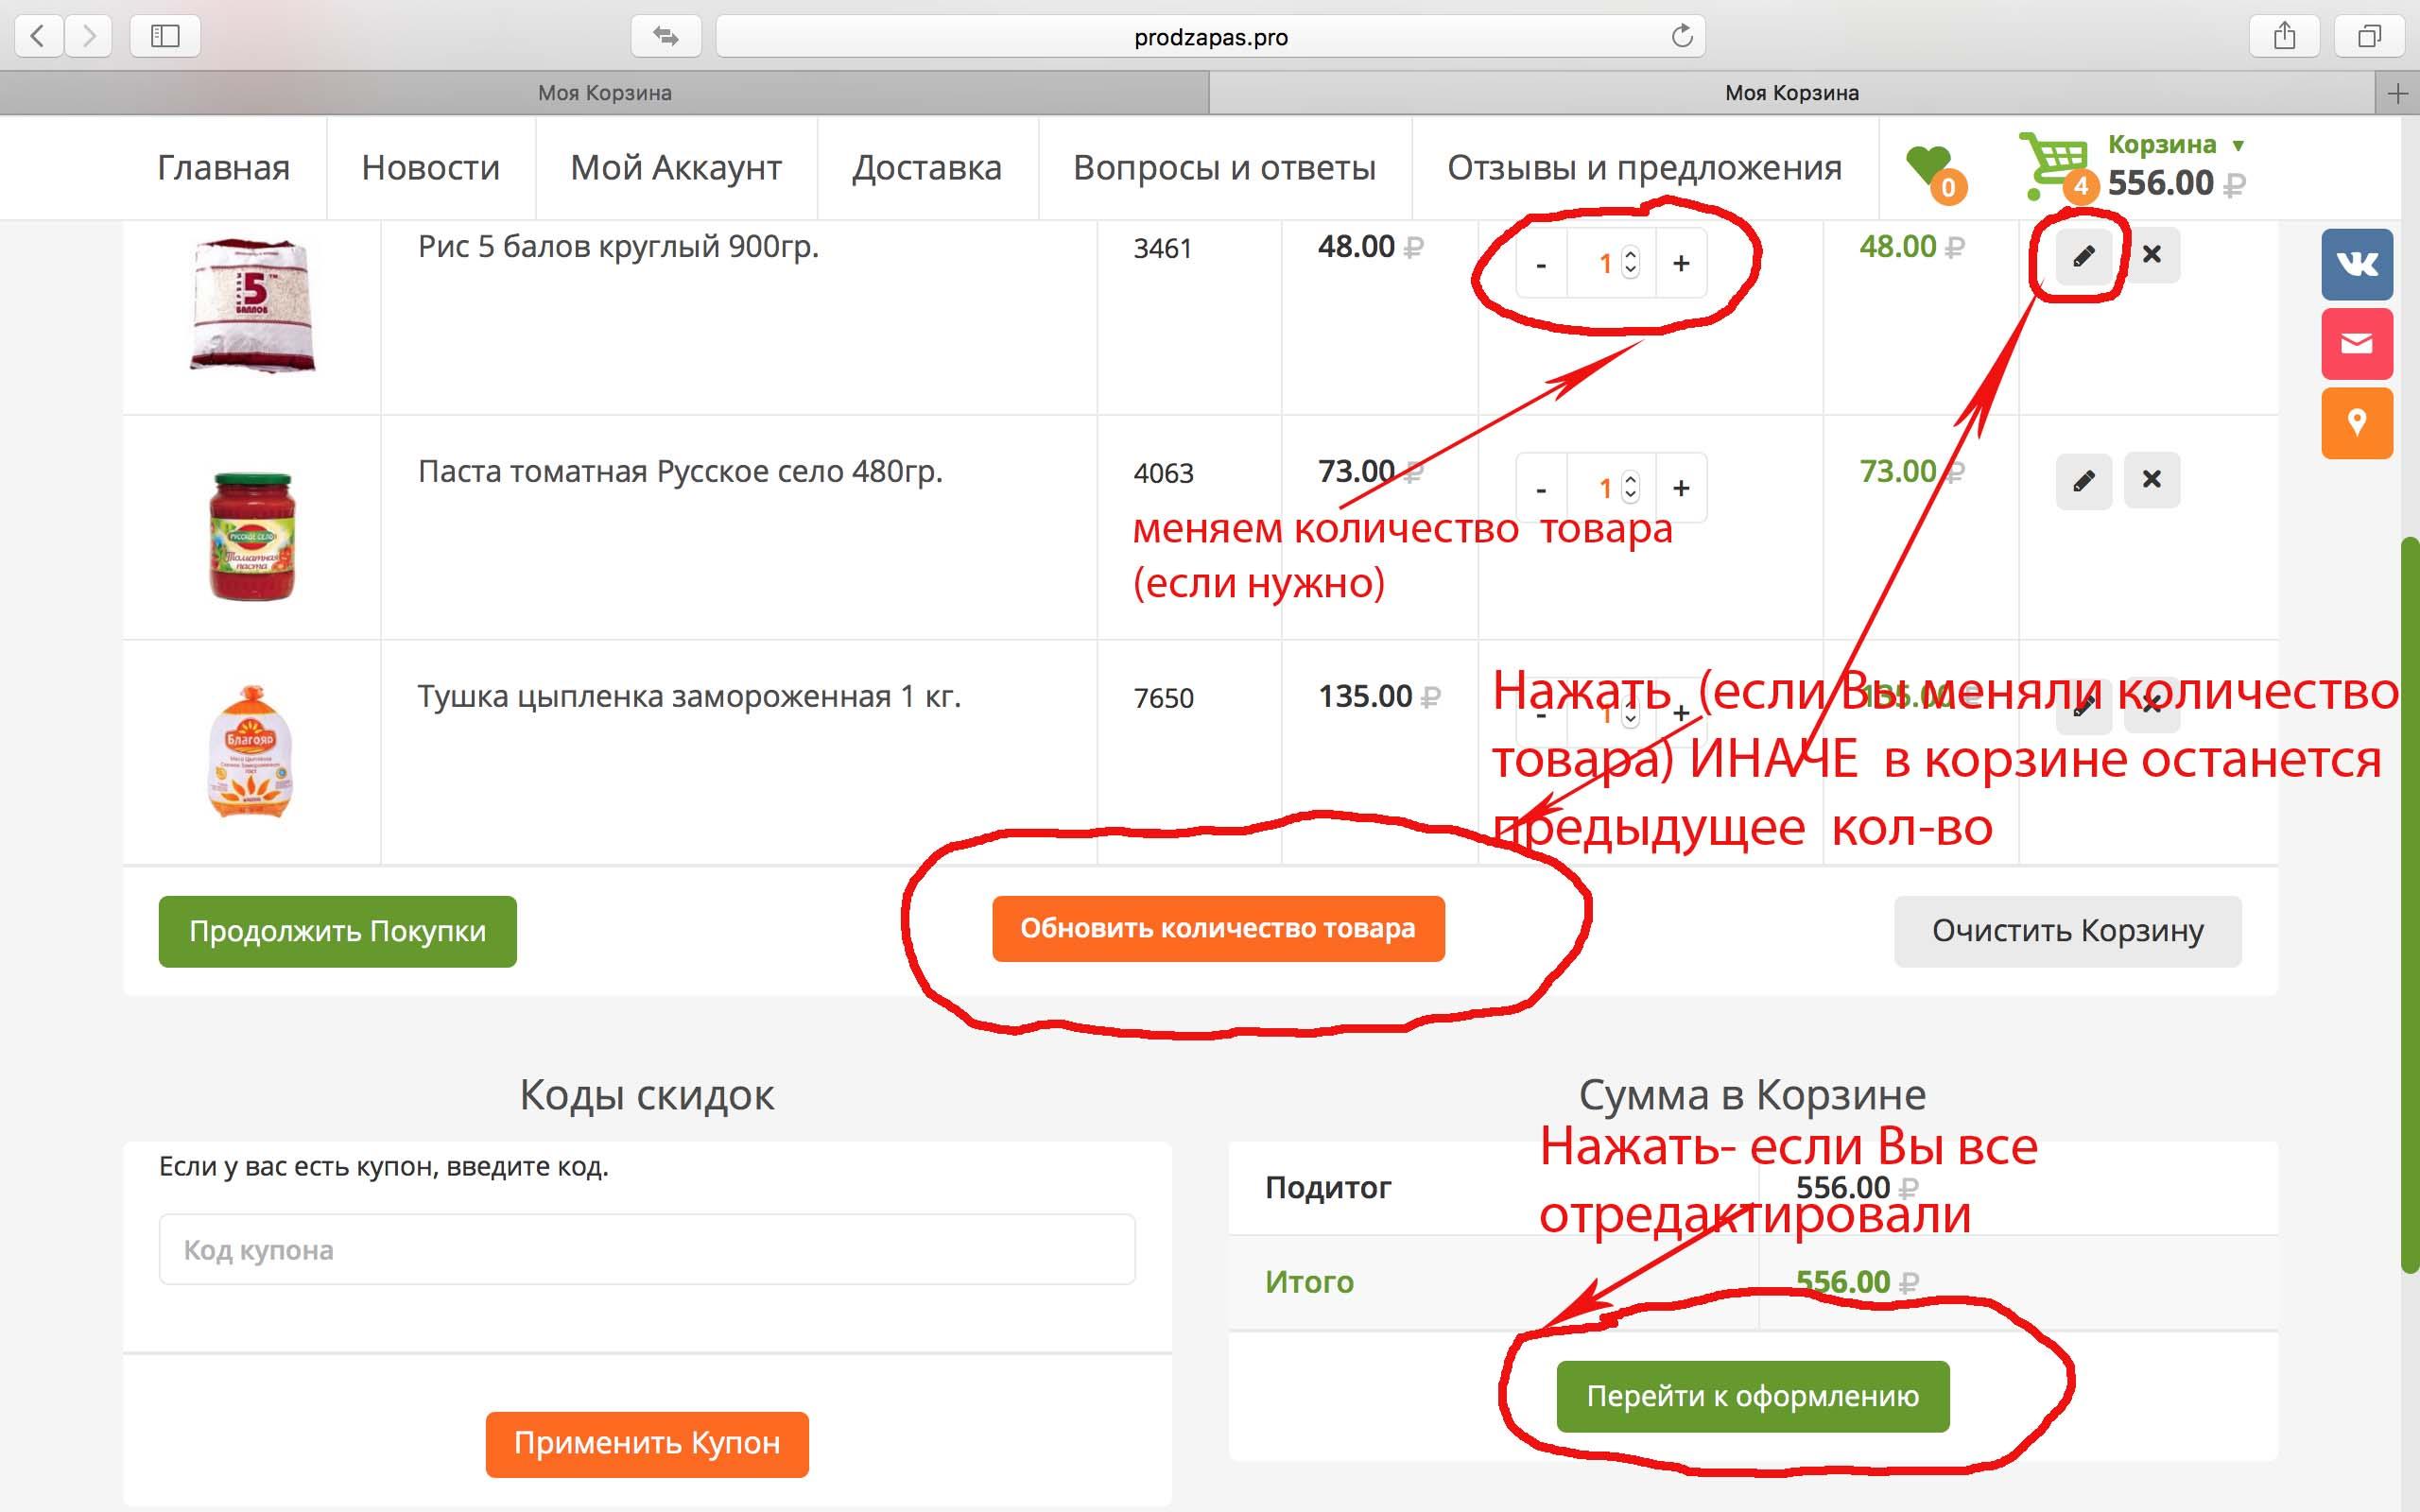 snimok-ekrana-2017-11-02-v-22-20-26